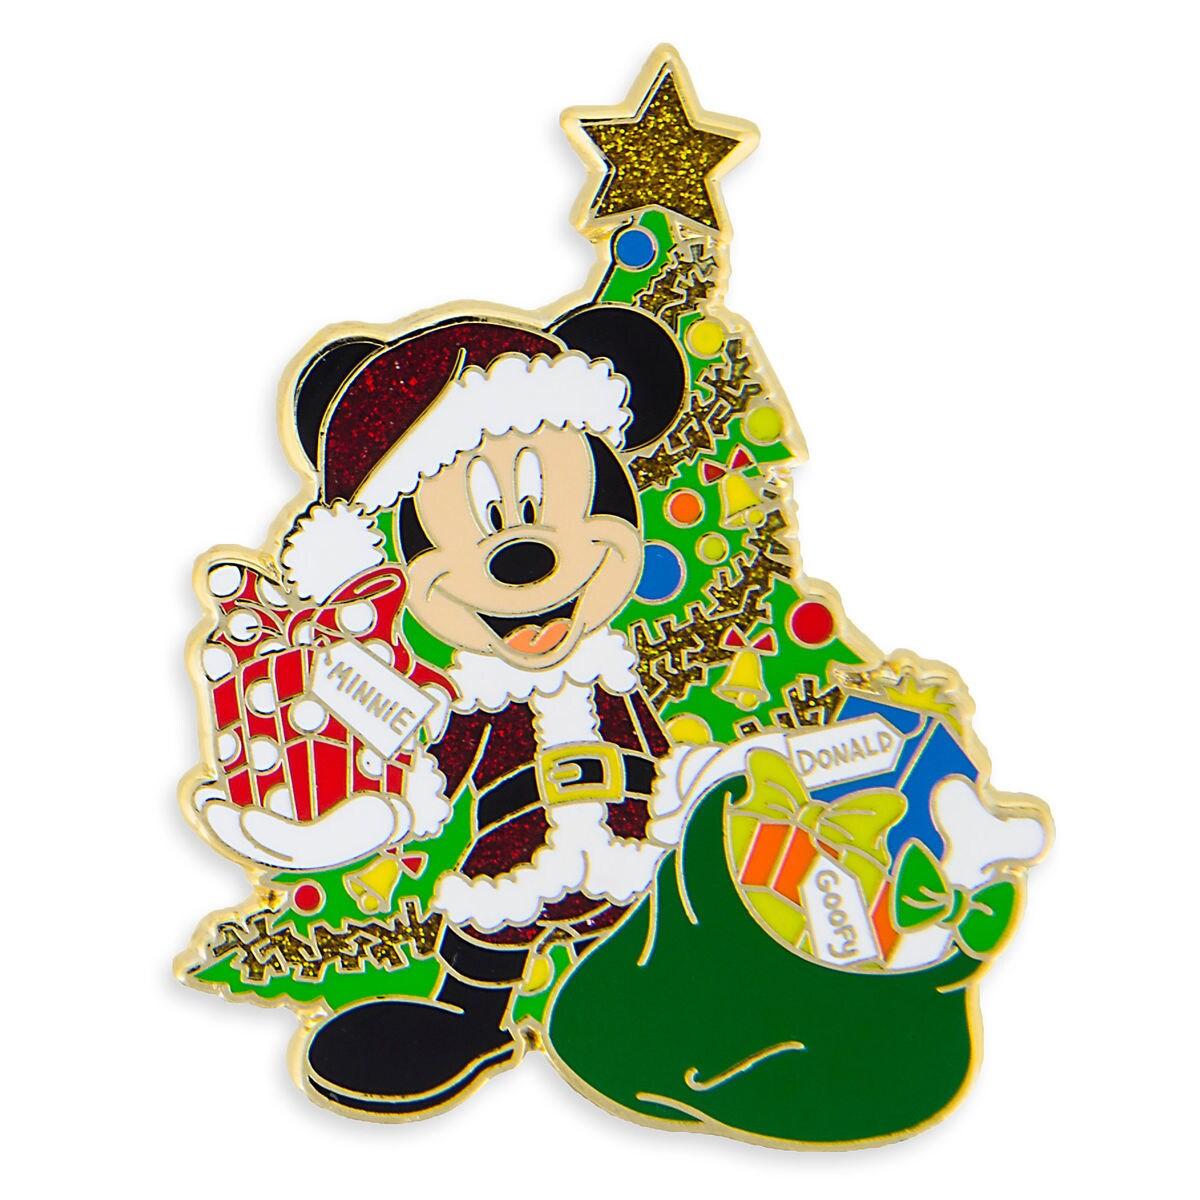 Product Image of Santa Mickey Mouse Holiday Pin # 1